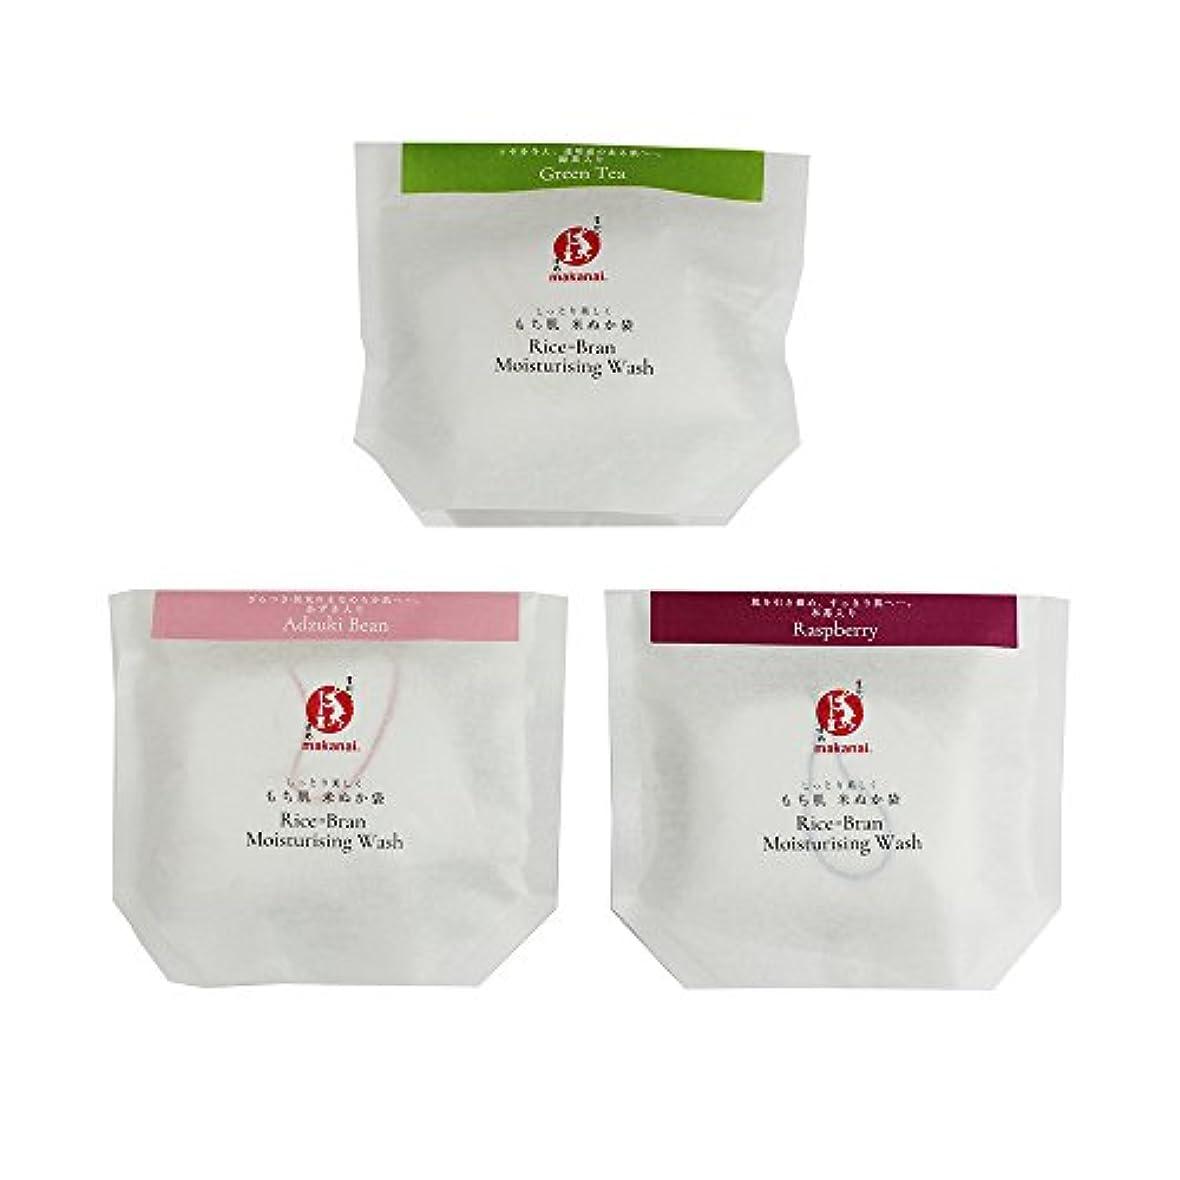 ハンカチハイジャック共和国まかないこすめ もち肌米ぬか袋3種セット(緑茶?木苺?あずき)